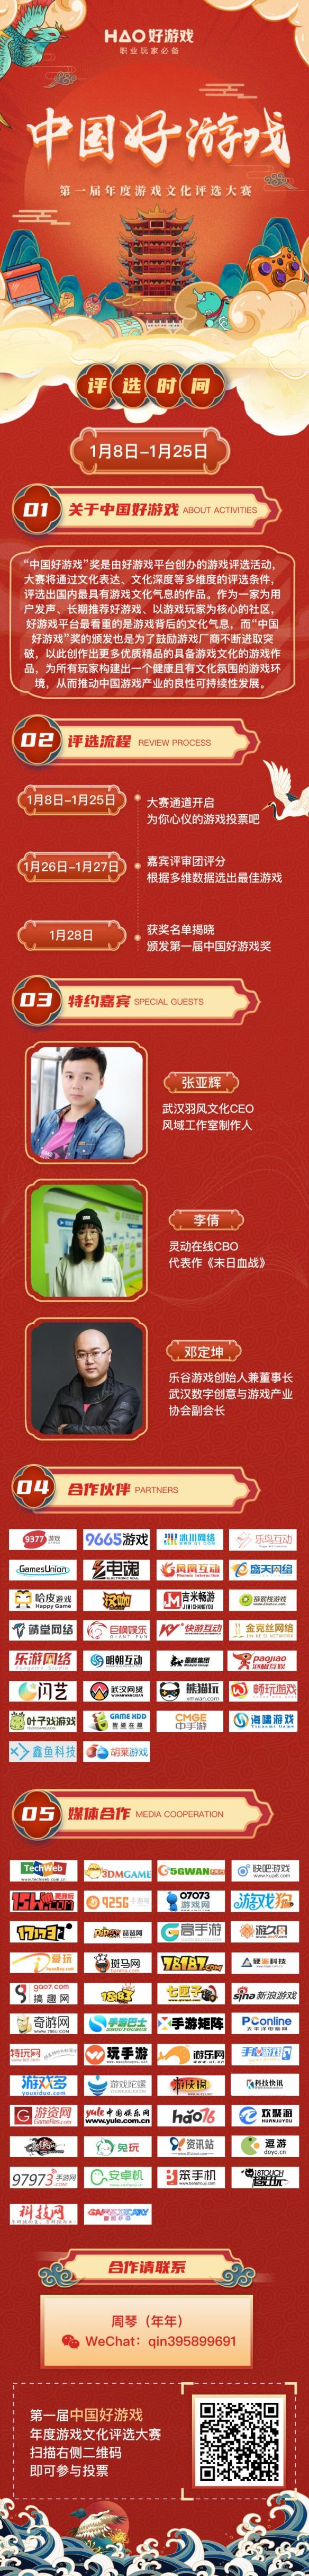 """2020年度""""中国好游戏""""游戏文化评选大赛正式启动!"""